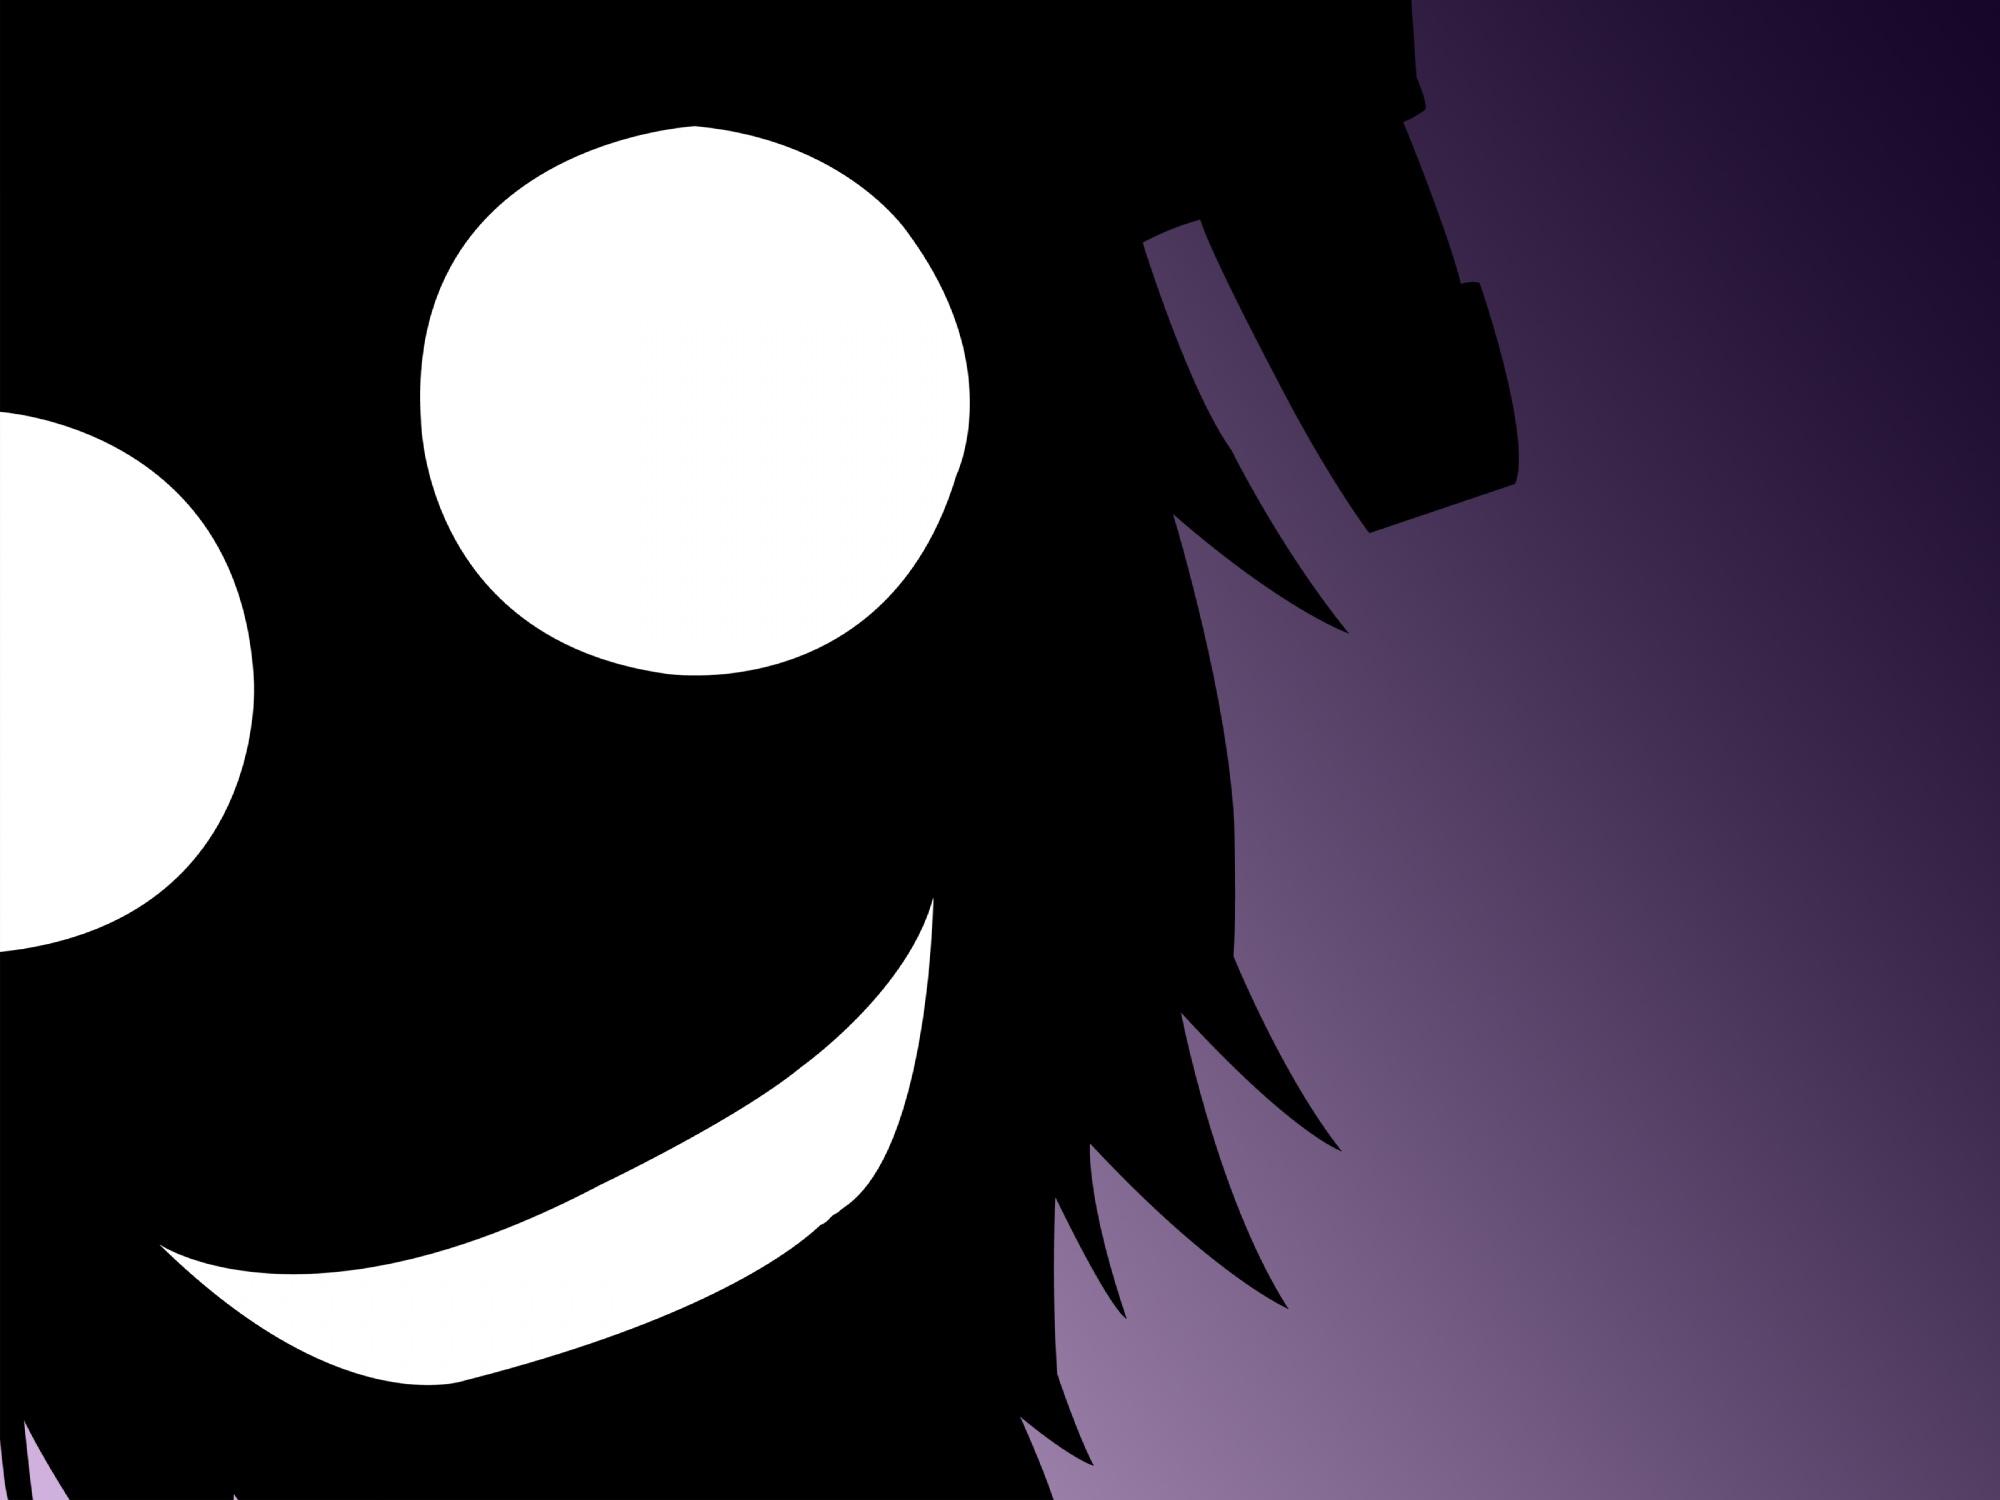 franken_stein silhouette soul_eater vector